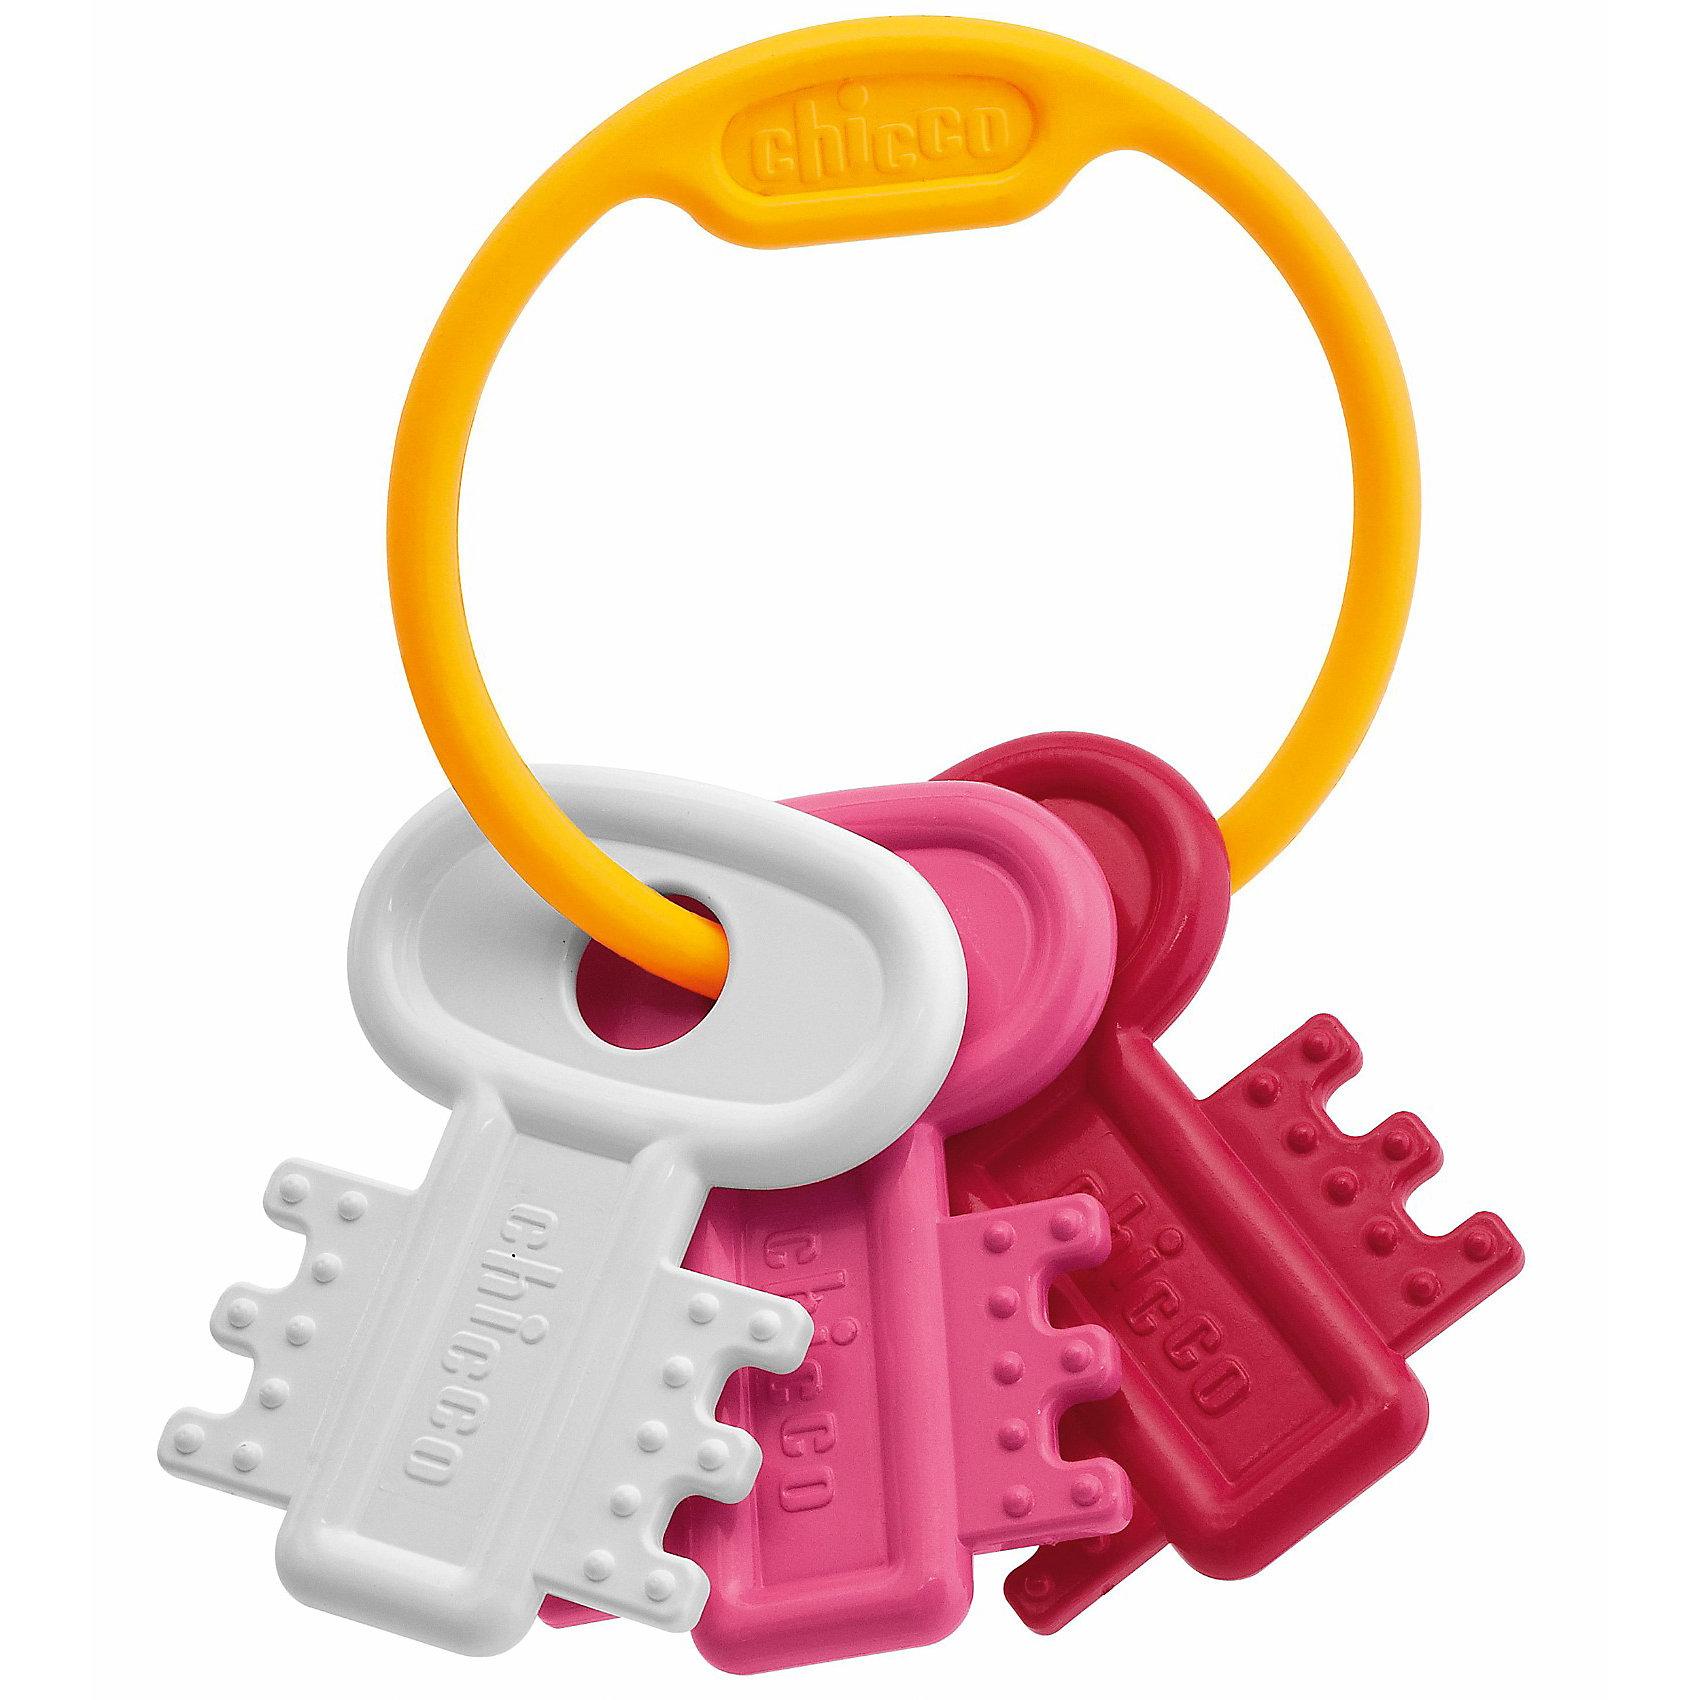 Погремушка Ключи на кольце, розовая, ChiccoПогремушки<br>Погремушка Ключи на кольце, розовая, Chicco (Чико) – эта забавная погремушка-прорезыватель привлечет внимание вашего малыша.<br>Погремушку легко держать, она идеальна для периода прорезывания зубов благодаря рельефным выступам на поверхности. При малейшем движении погремушка издает звук. Перебирая ключики, малыш получит удовольствие от тактильного контакта, а сами ключики будут воздействовать на нервные окончания в его пальчиках, стимулируя, таким образом, работу мозга.<br><br>Дополнительная информация:<br><br>- Цвет: розовый, красный, белый<br>- Материал: высококачественный полипропилен<br>- Размер упаковки: 21,5 х 15 x 3 см.<br><br>Погремушку Ключи на кольце, розовую, Chicco (Чико) можно купить в нашем интернет-магазине.<br><br>Ширина мм: 214<br>Глубина мм: 152<br>Высота мм: 32<br>Вес г: 72<br>Возраст от месяцев: 3<br>Возраст до месяцев: 12<br>Пол: Женский<br>Возраст: Детский<br>SKU: 2009693